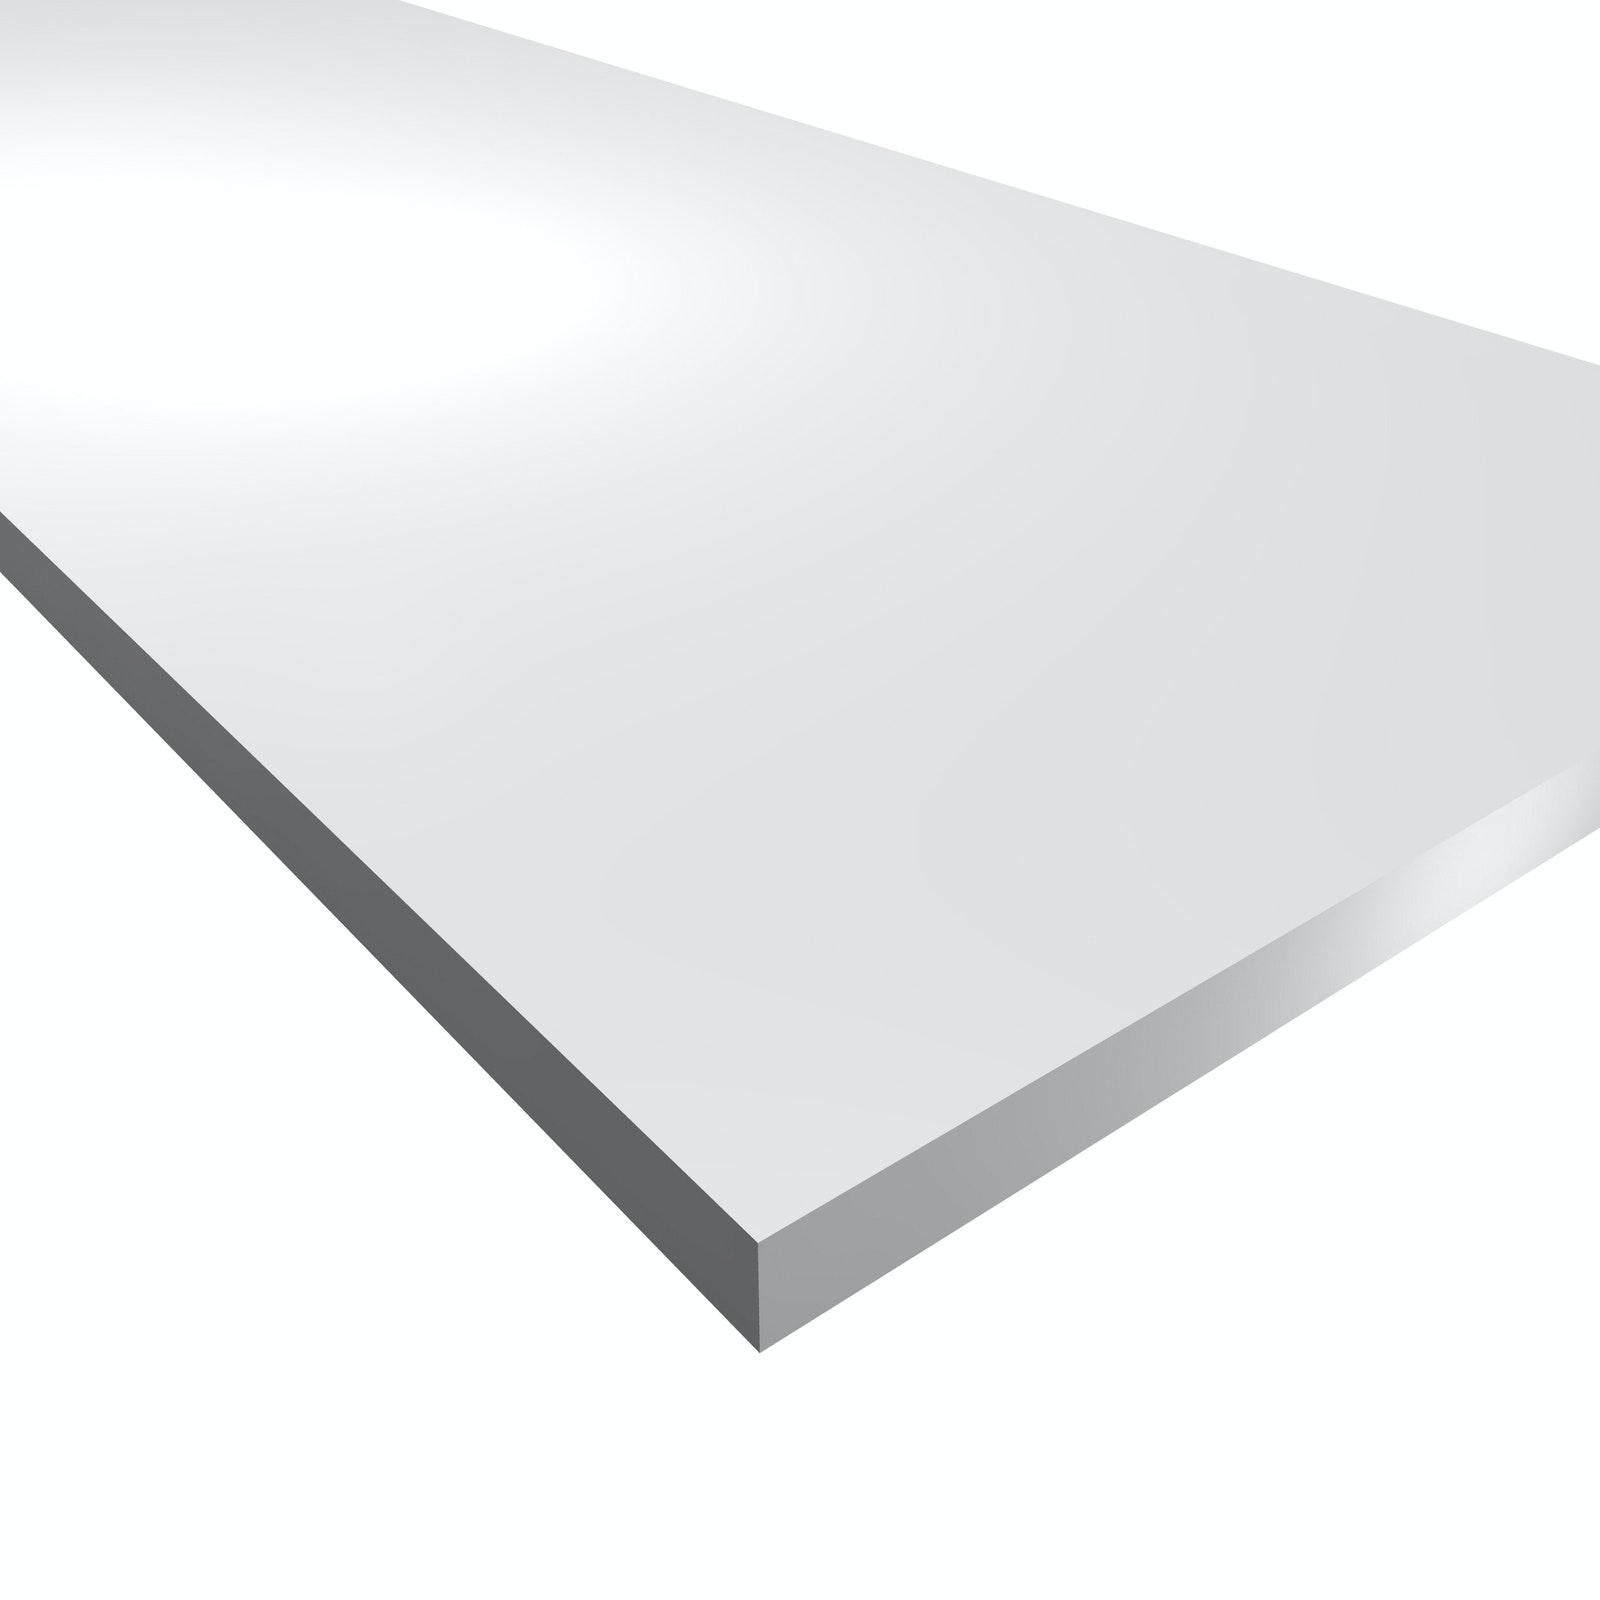 Hyllplan Moelven Vit Melamin 18x400x1800mm